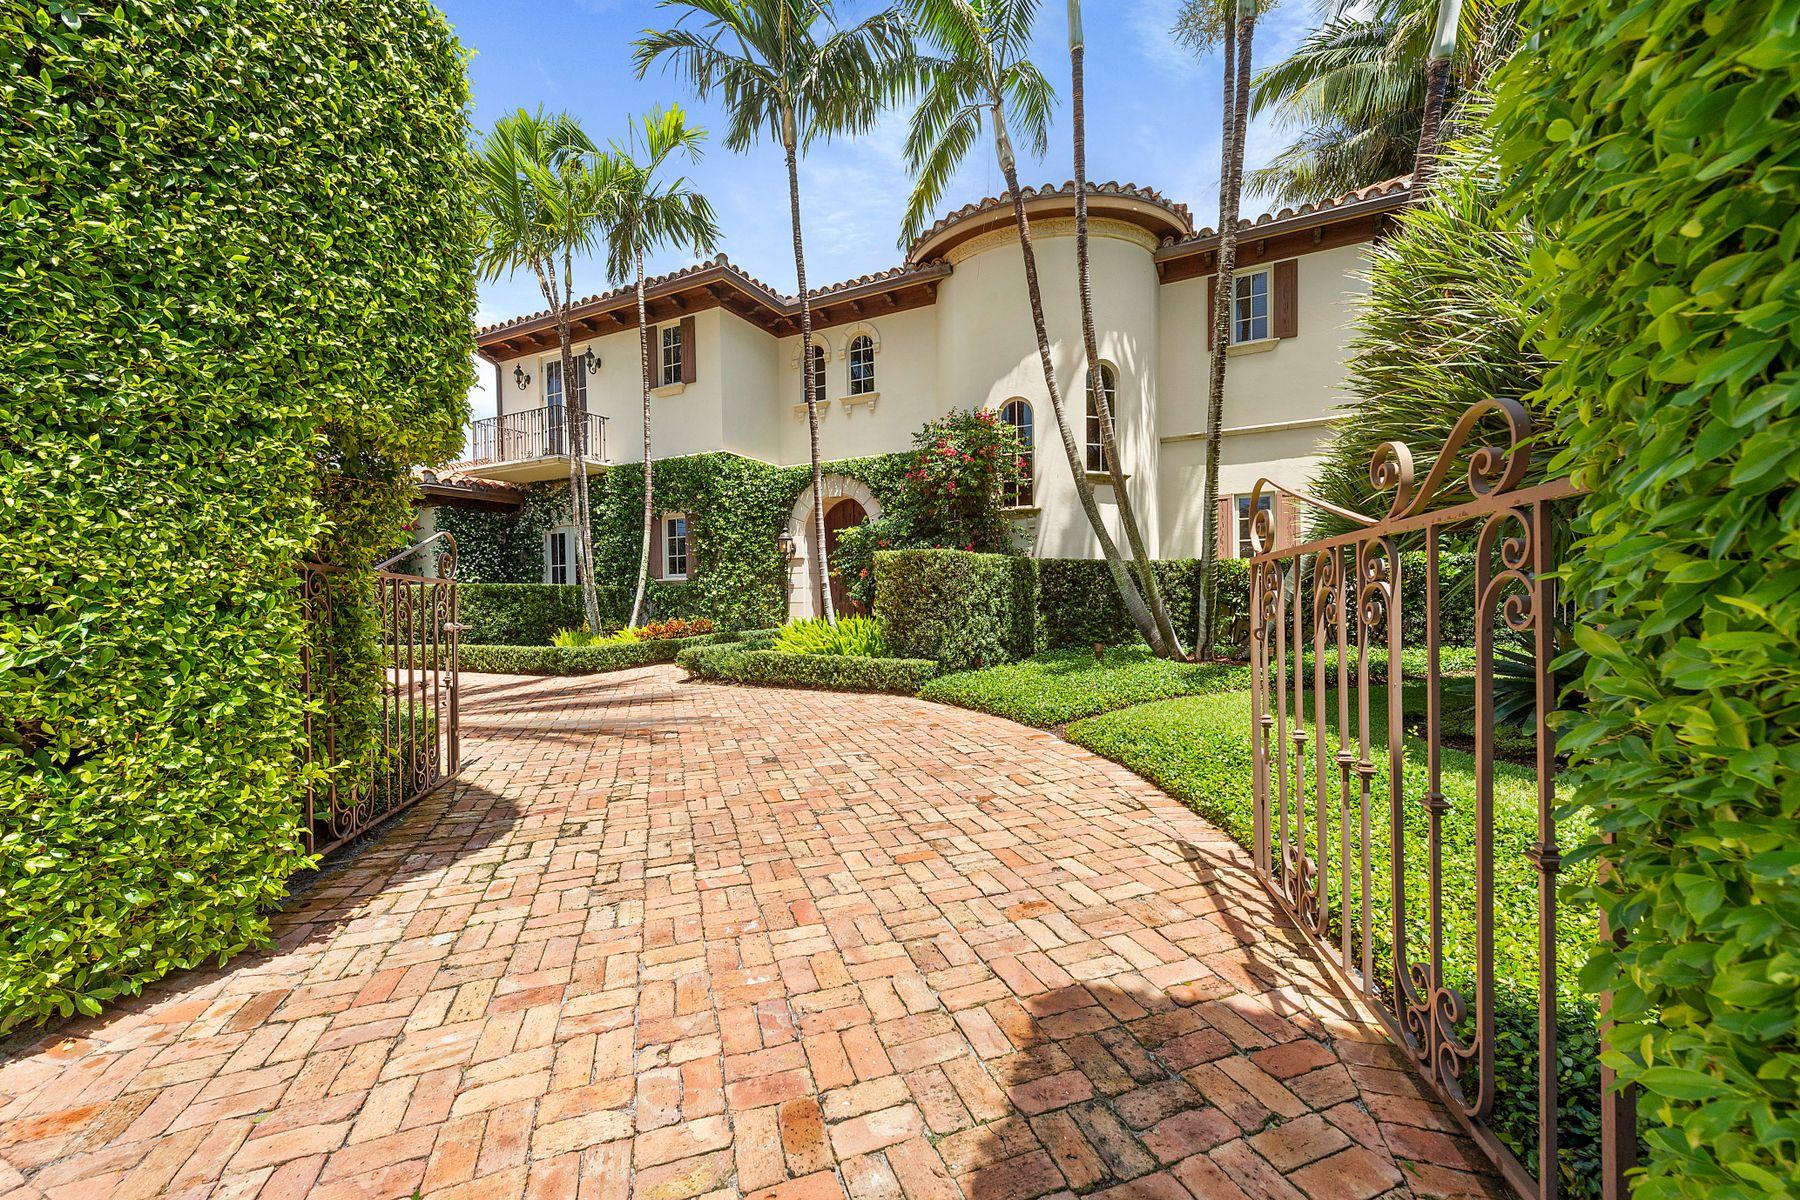 Single Family Homes für Verkauf beim Ocean Block Mediterranean Estate 169 Everglade Ave, Palm Beach, Florida 33480 Vereinigte Staaten